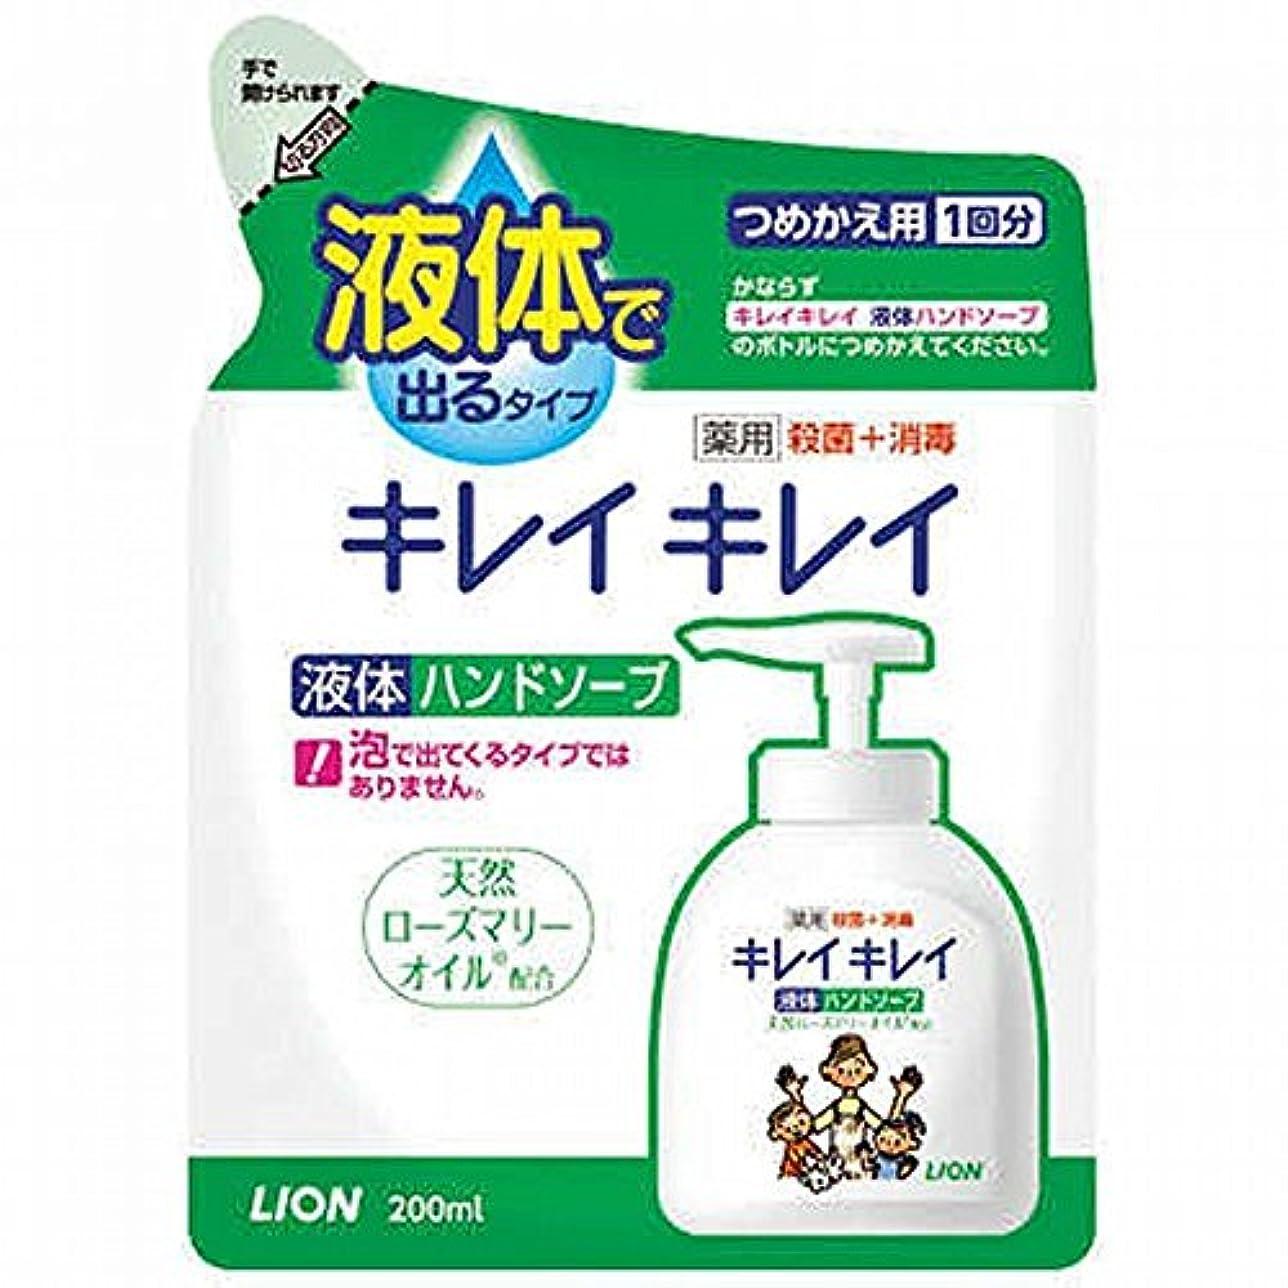 バスケットボールふつう語キレイキレイ 薬用液体ハンドソープ  詰替用 200ml ×10個セット